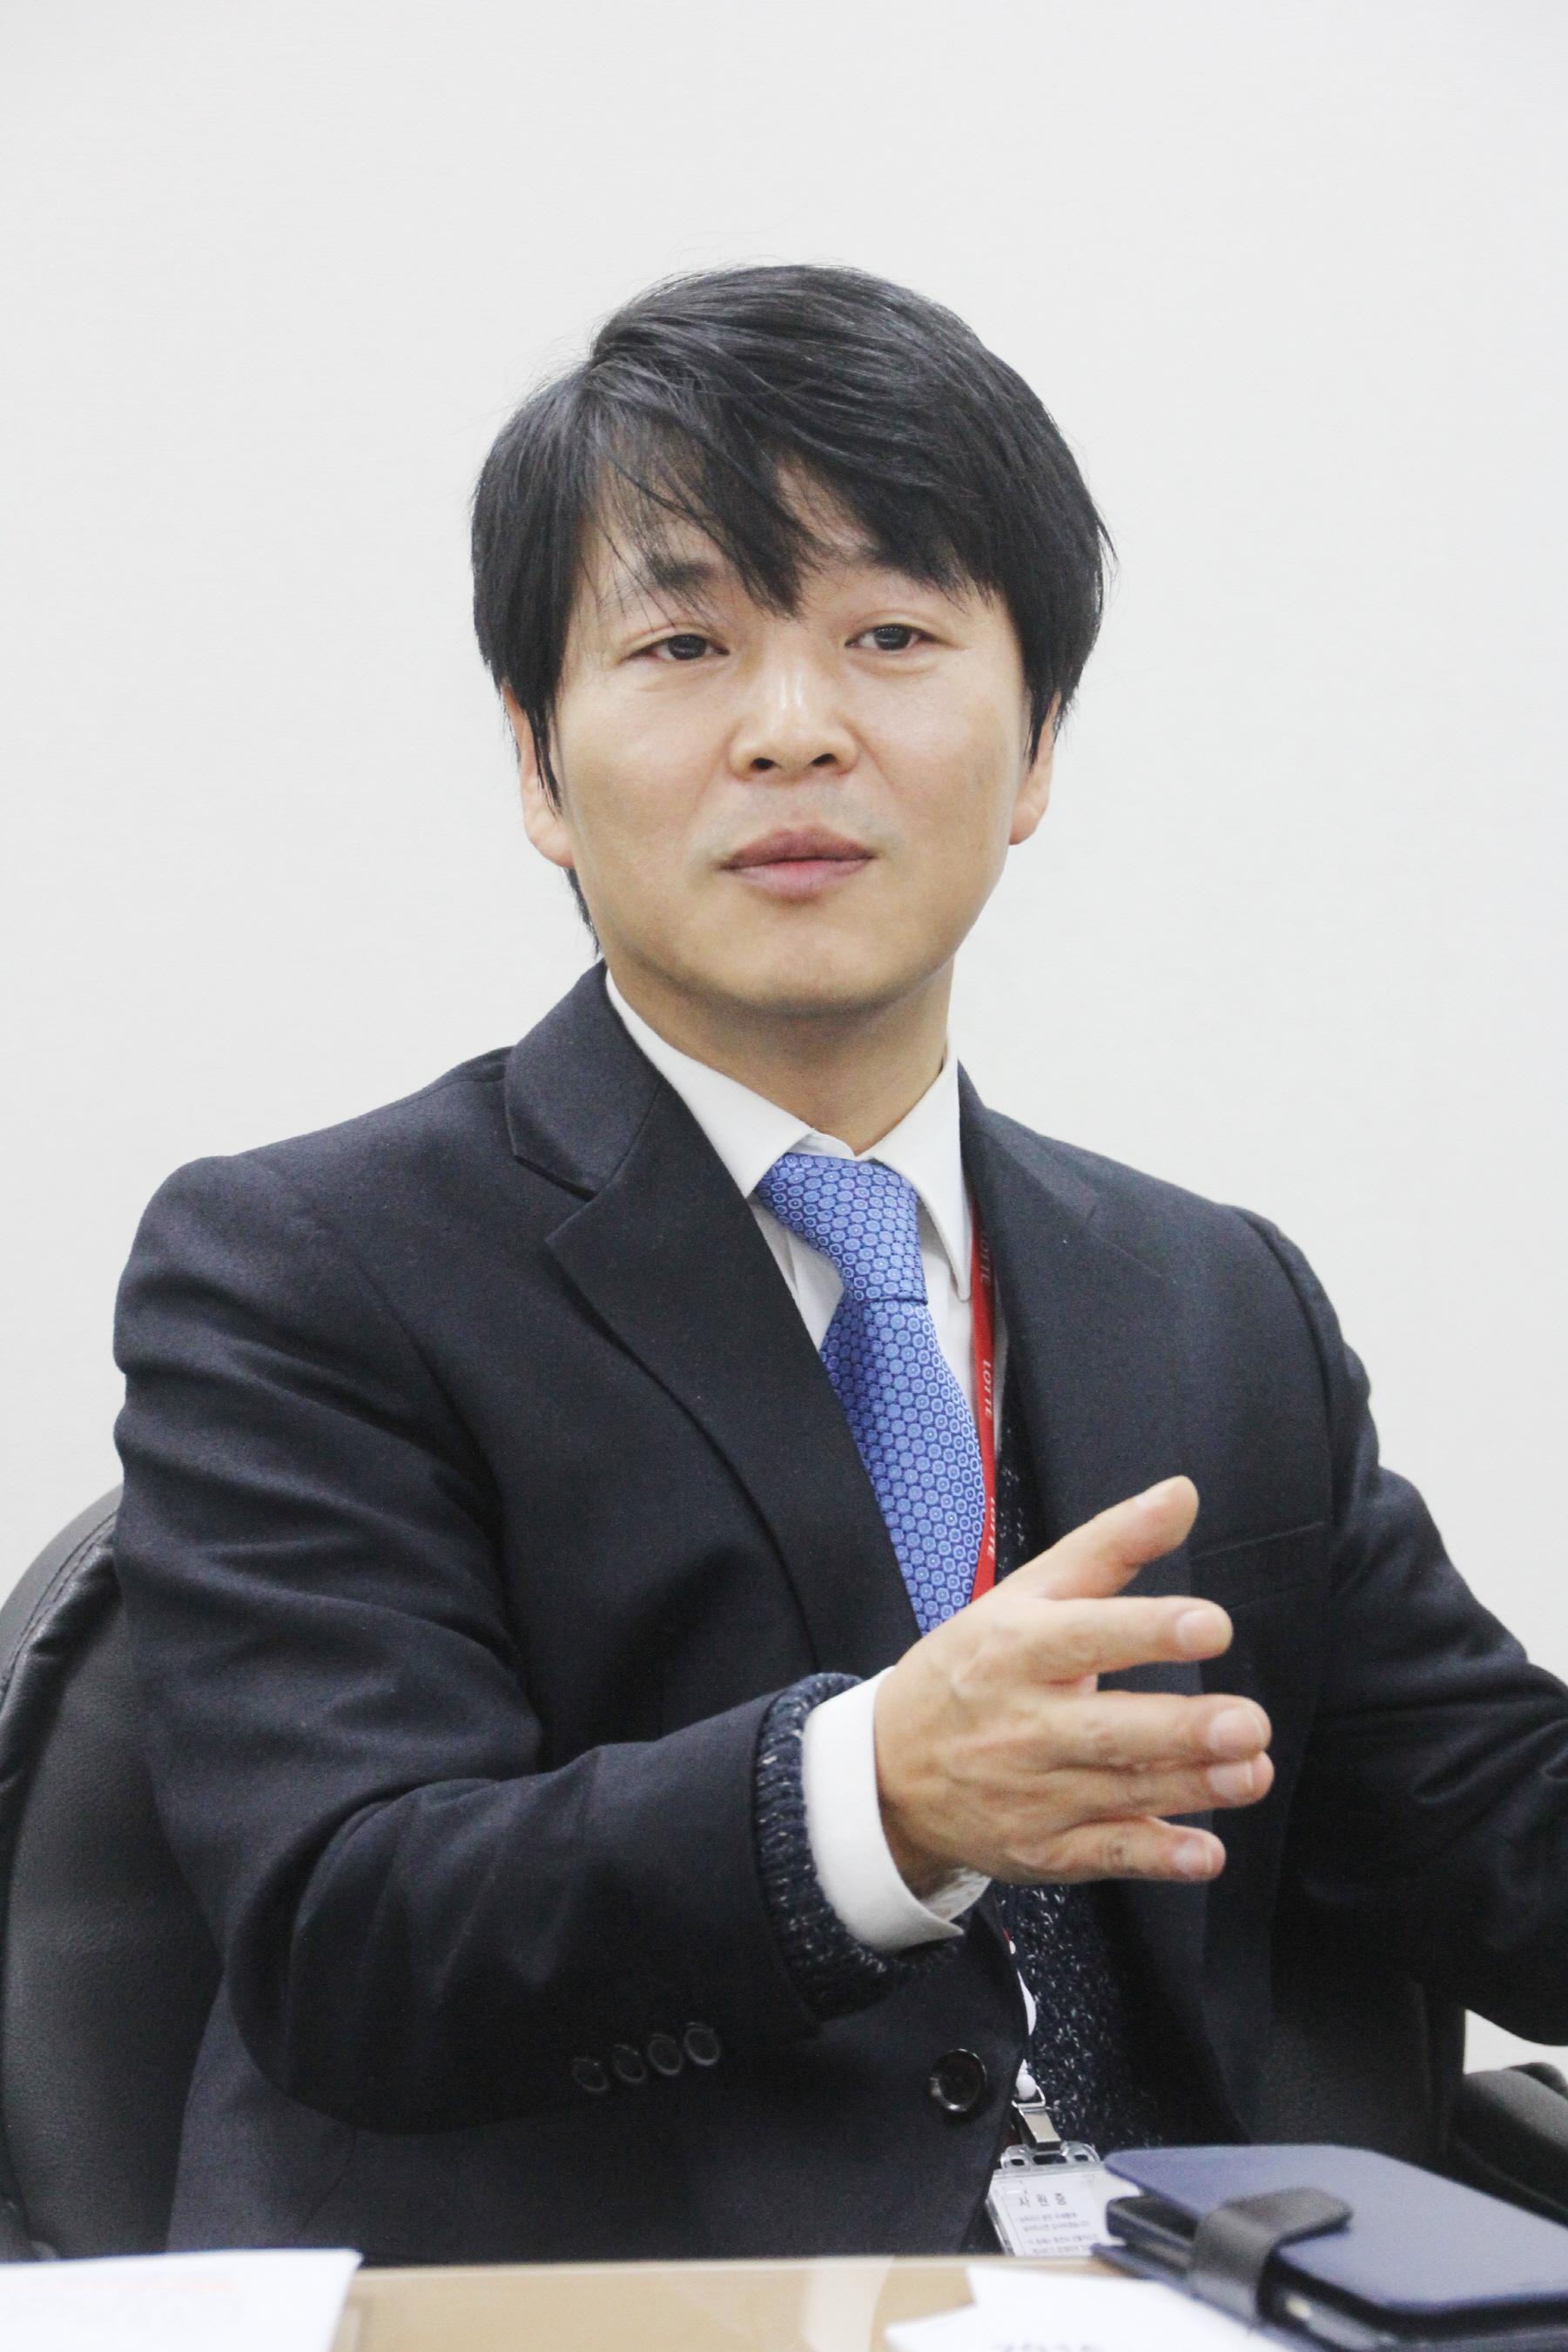 롯데건설 이승일 책임, 세계 3대 인명사전 2곳에 이름 올려